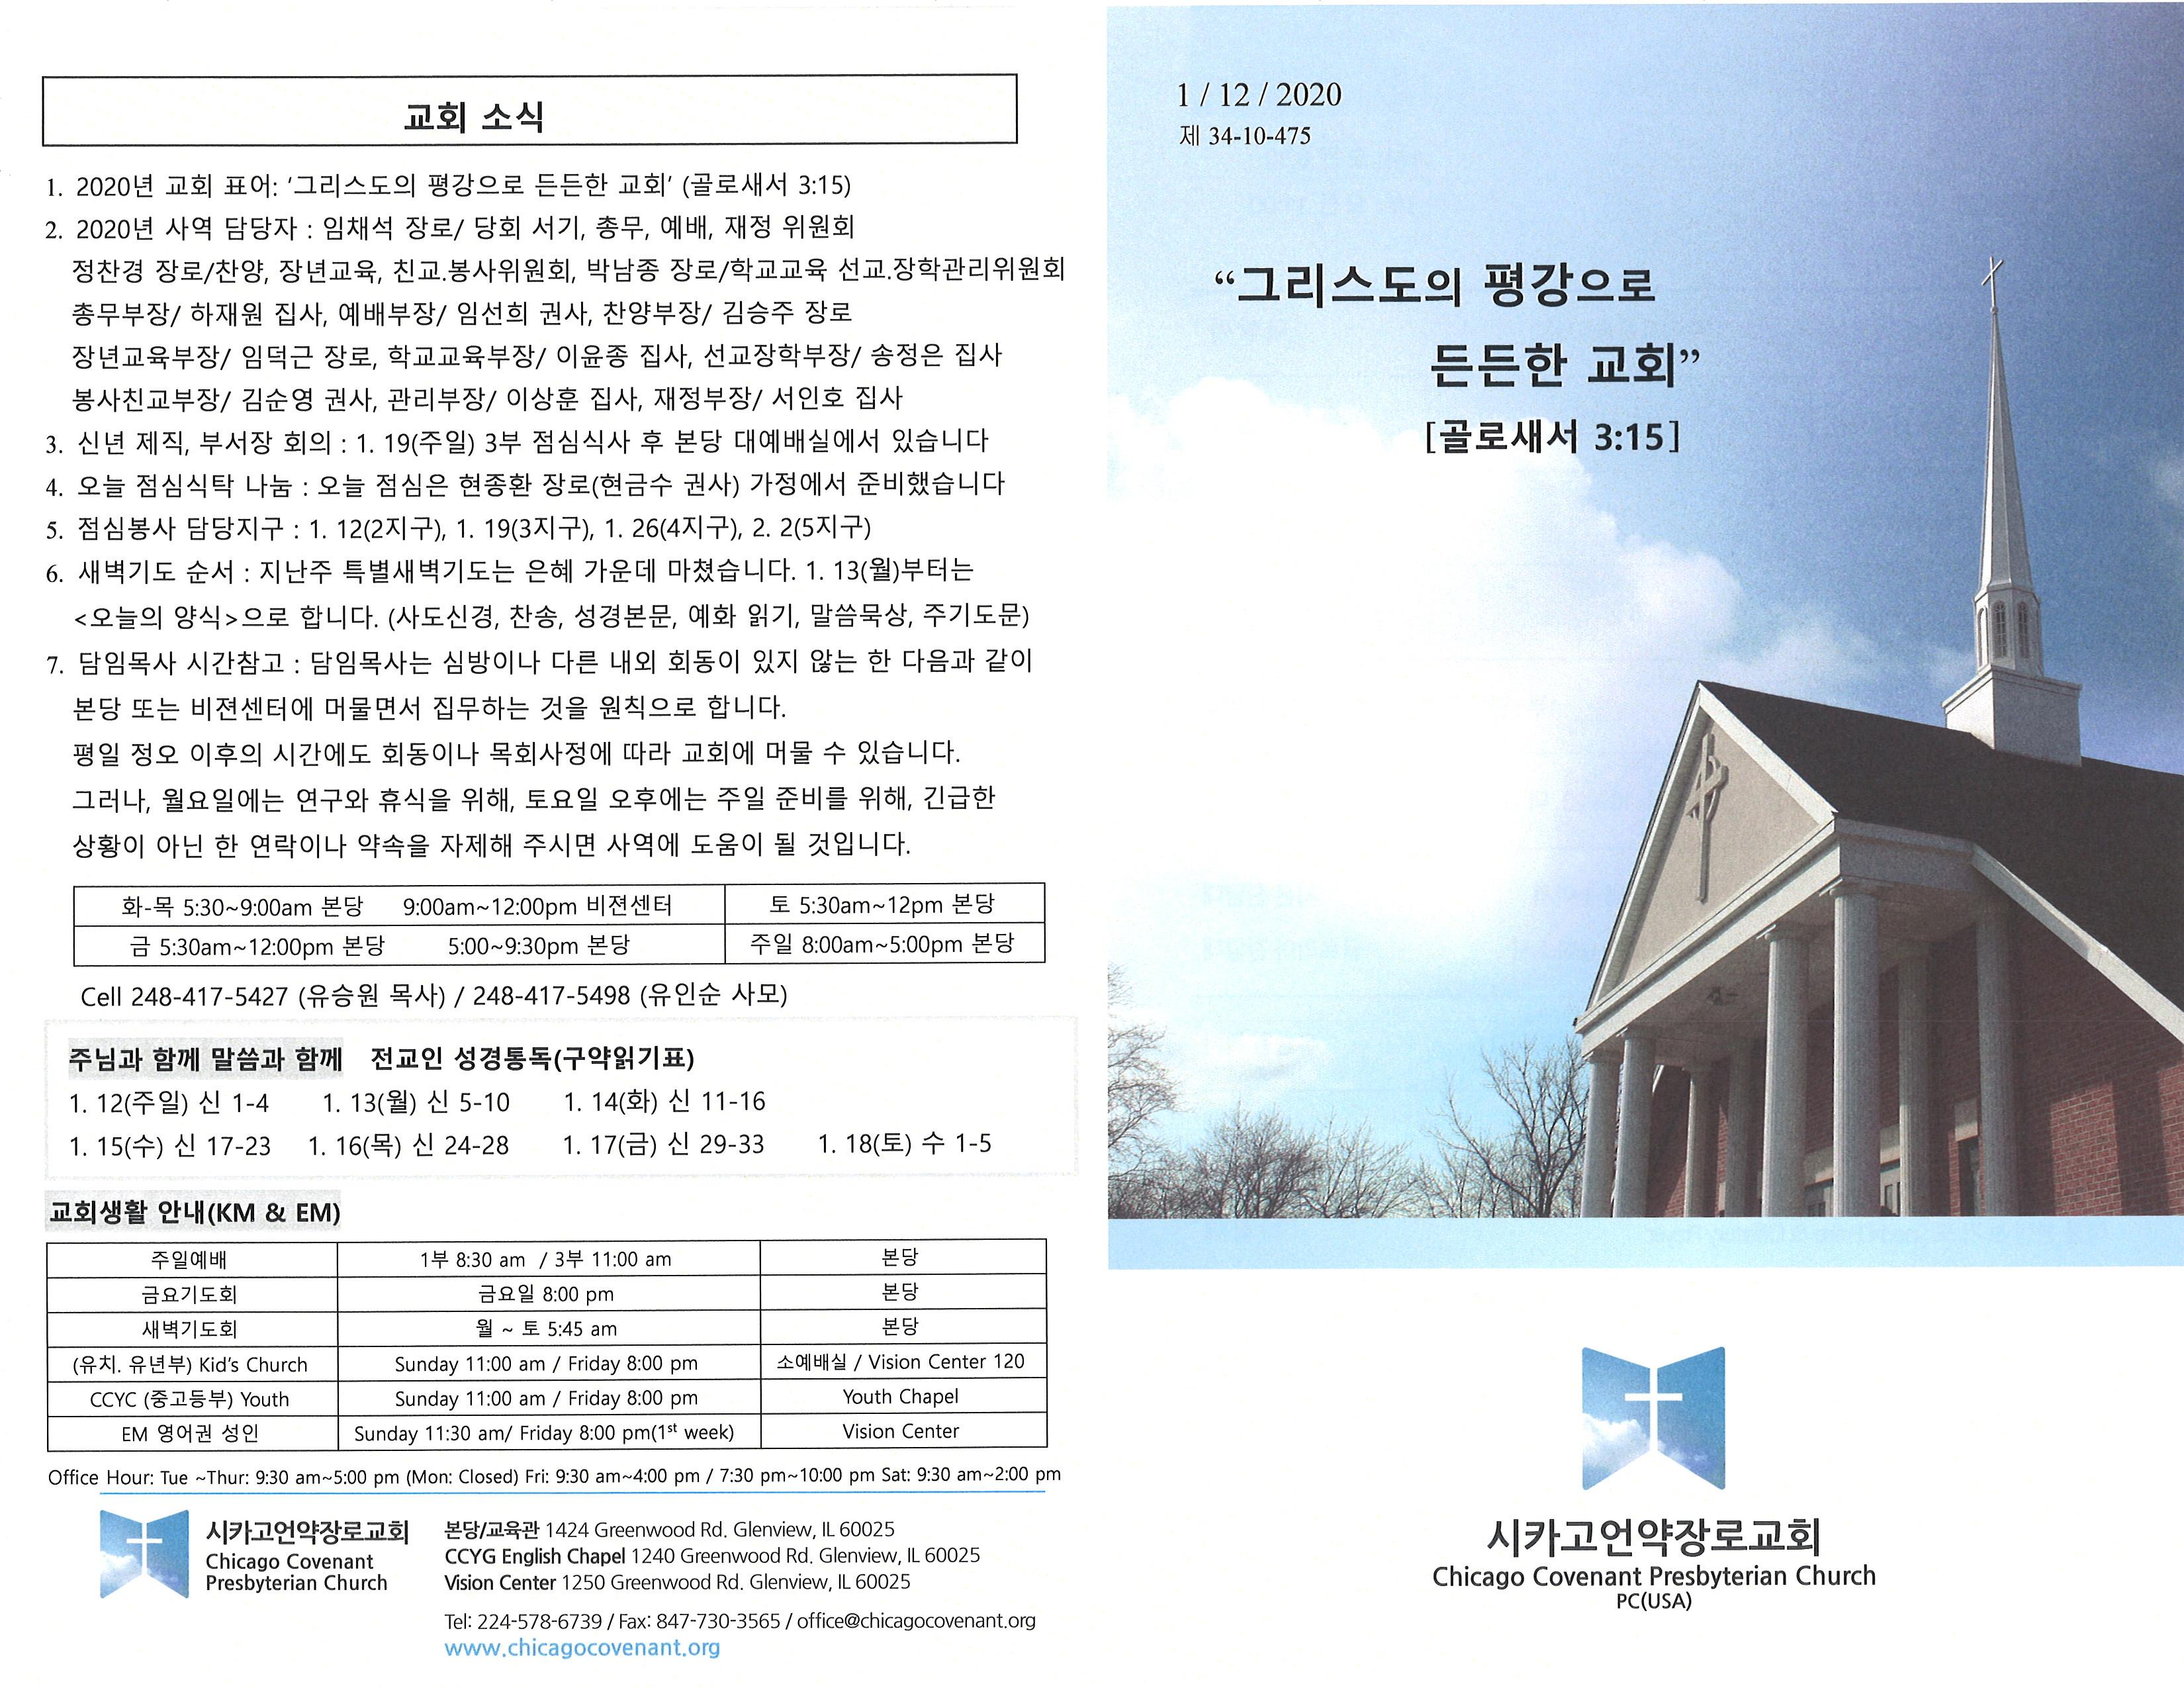 CCPC 1-12-2020-1.jpg